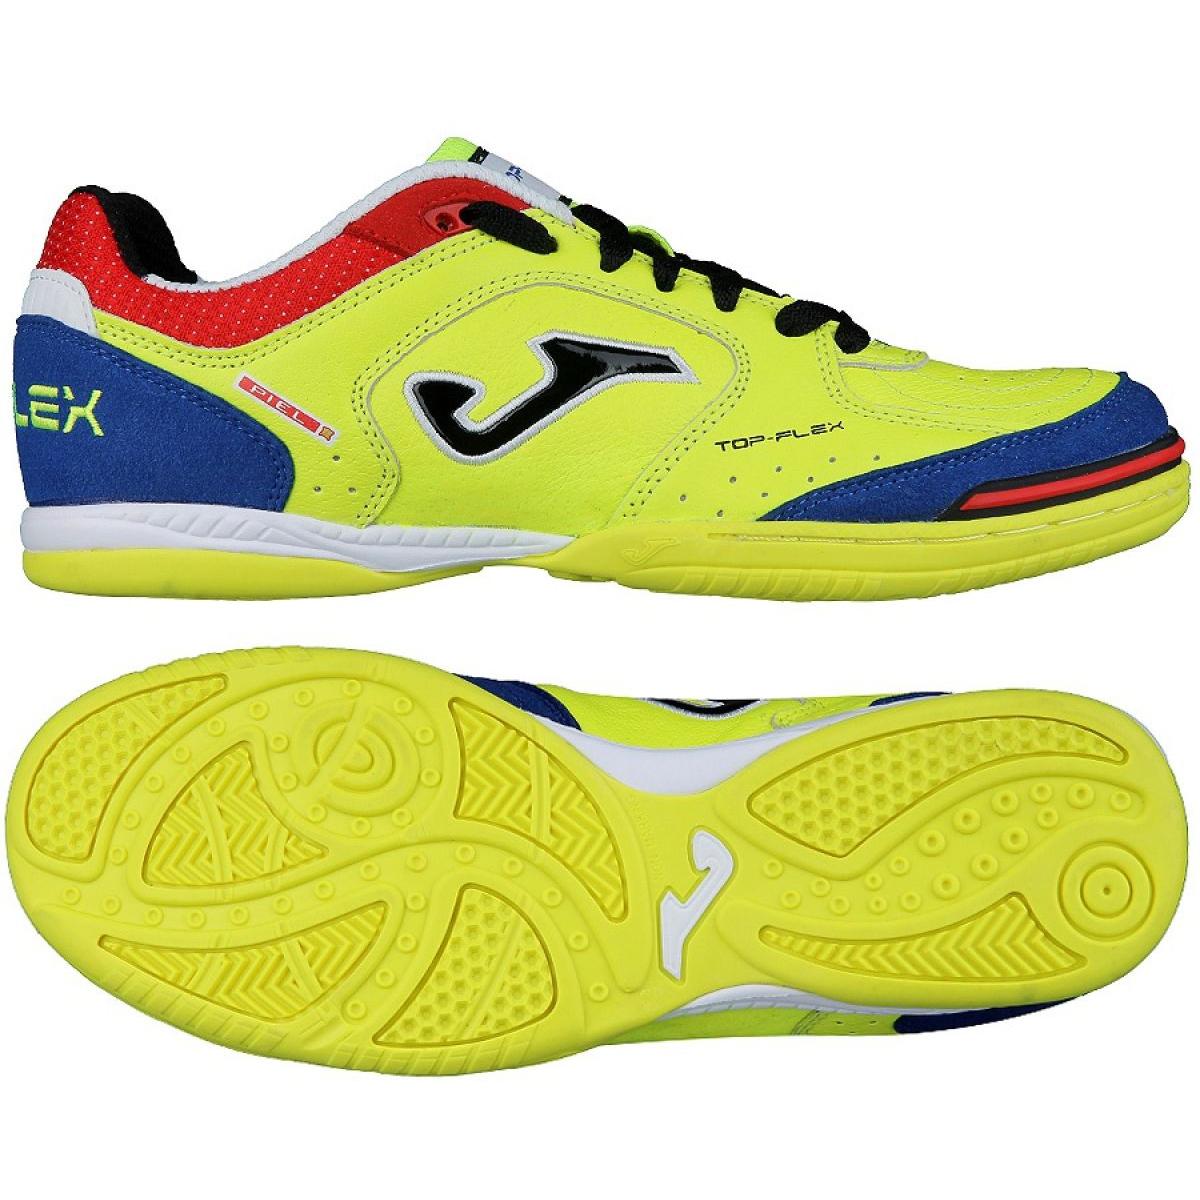 7c57d990f7 Indoor shoes Joma Top Flex In TOPW.711 Room M - ButyModne.pl